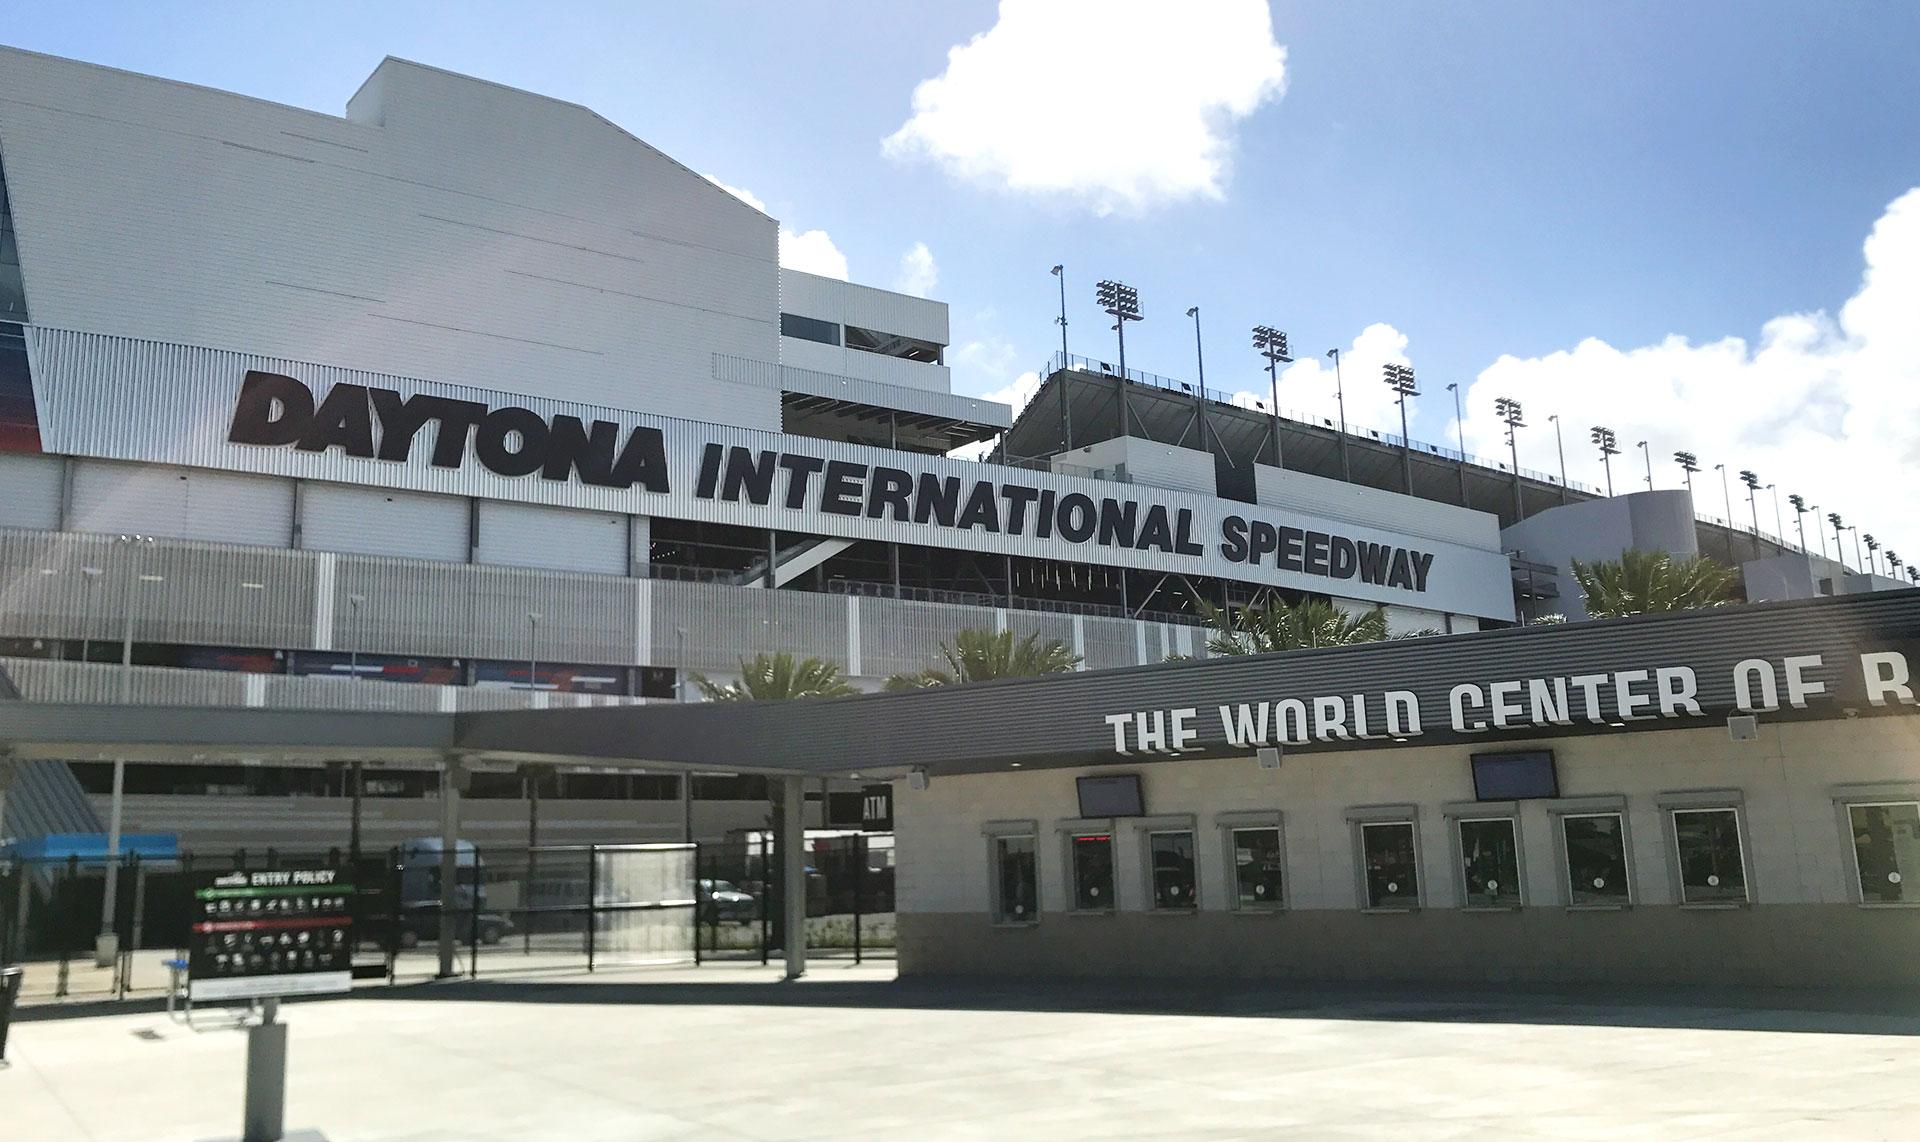 https://www.mundomex.com.mx/sites/default/files/images/bnr_Daytona500_1.jpg